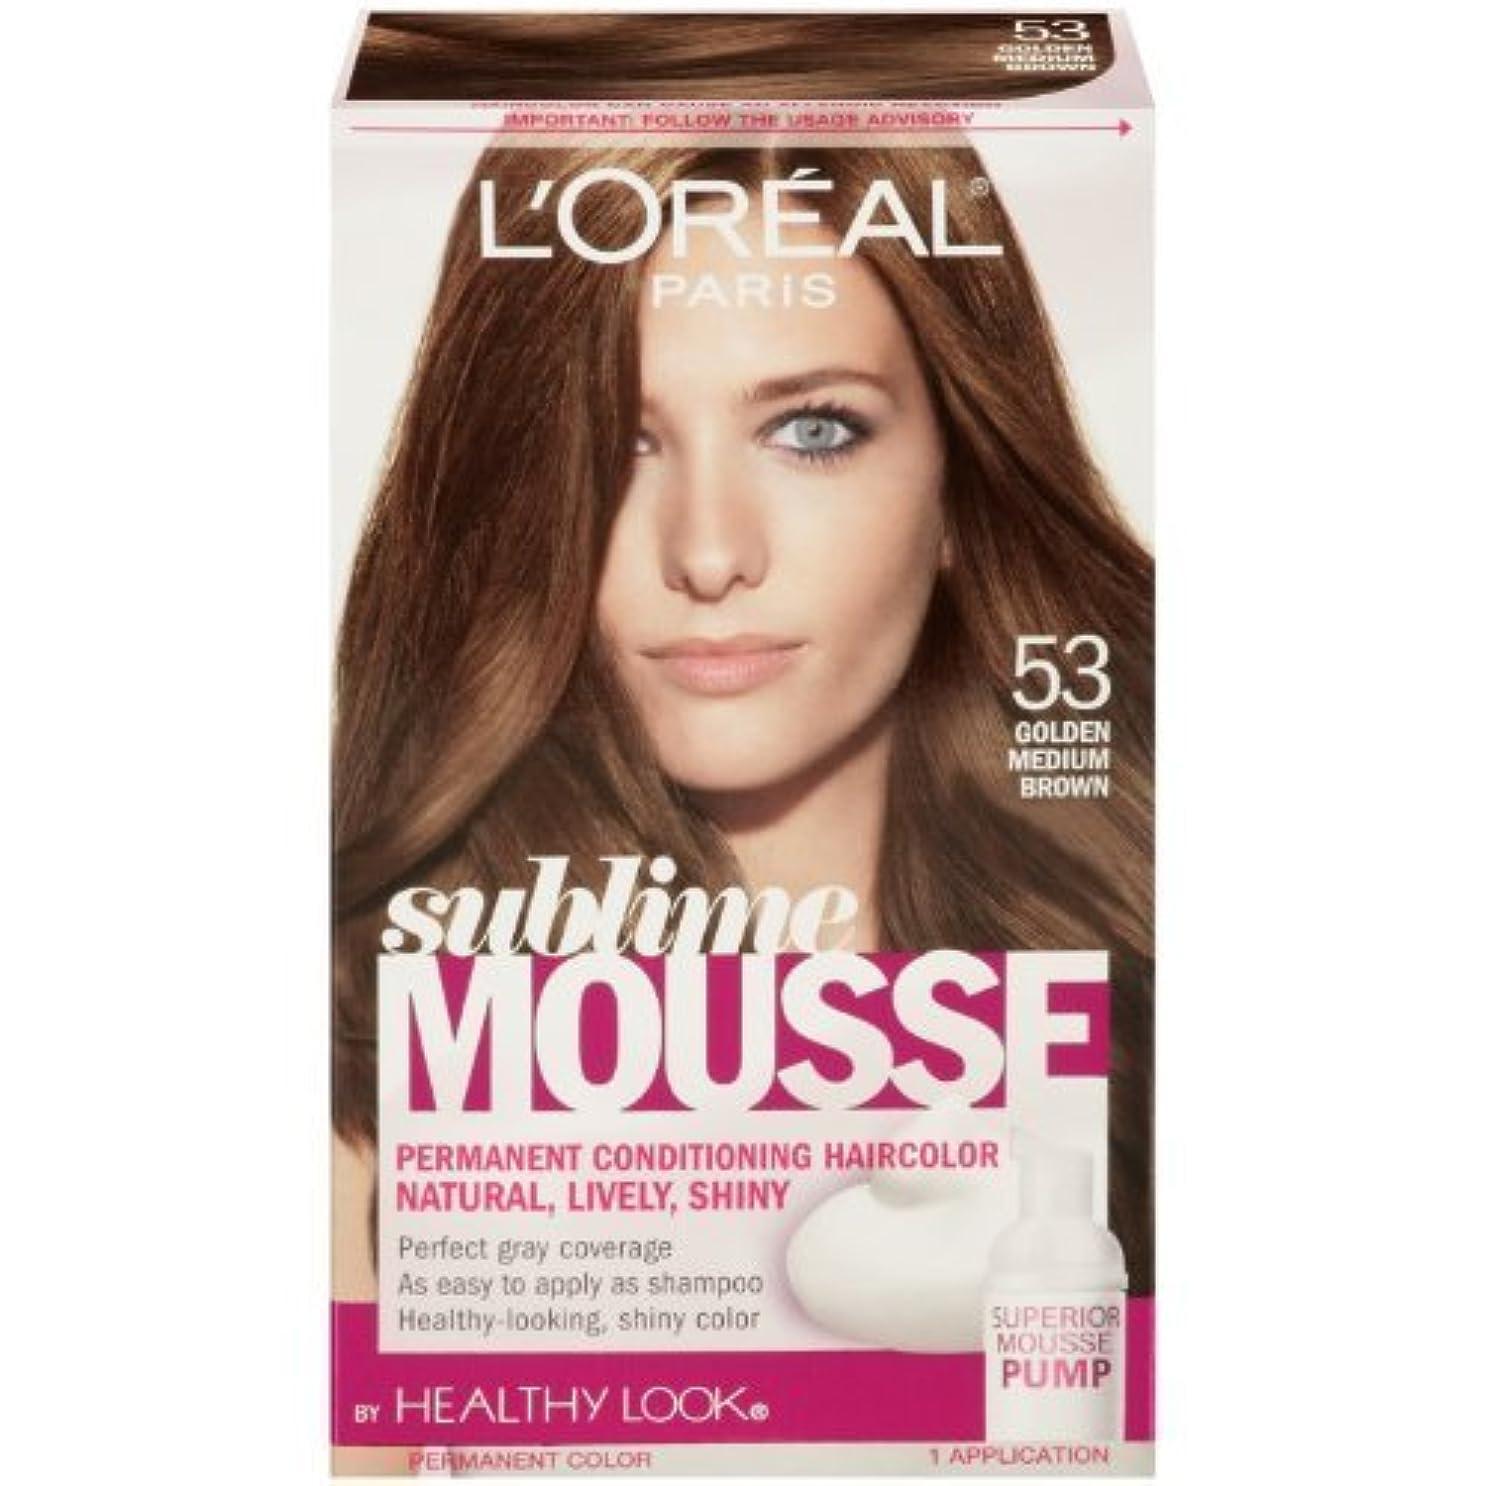 評判カンガルーポルノL'Oreal Paris Sublime Mousse by Healthy Look Hair Color, 53 Golden Medium Brown by SUBLIME MOUSSE [並行輸入品]